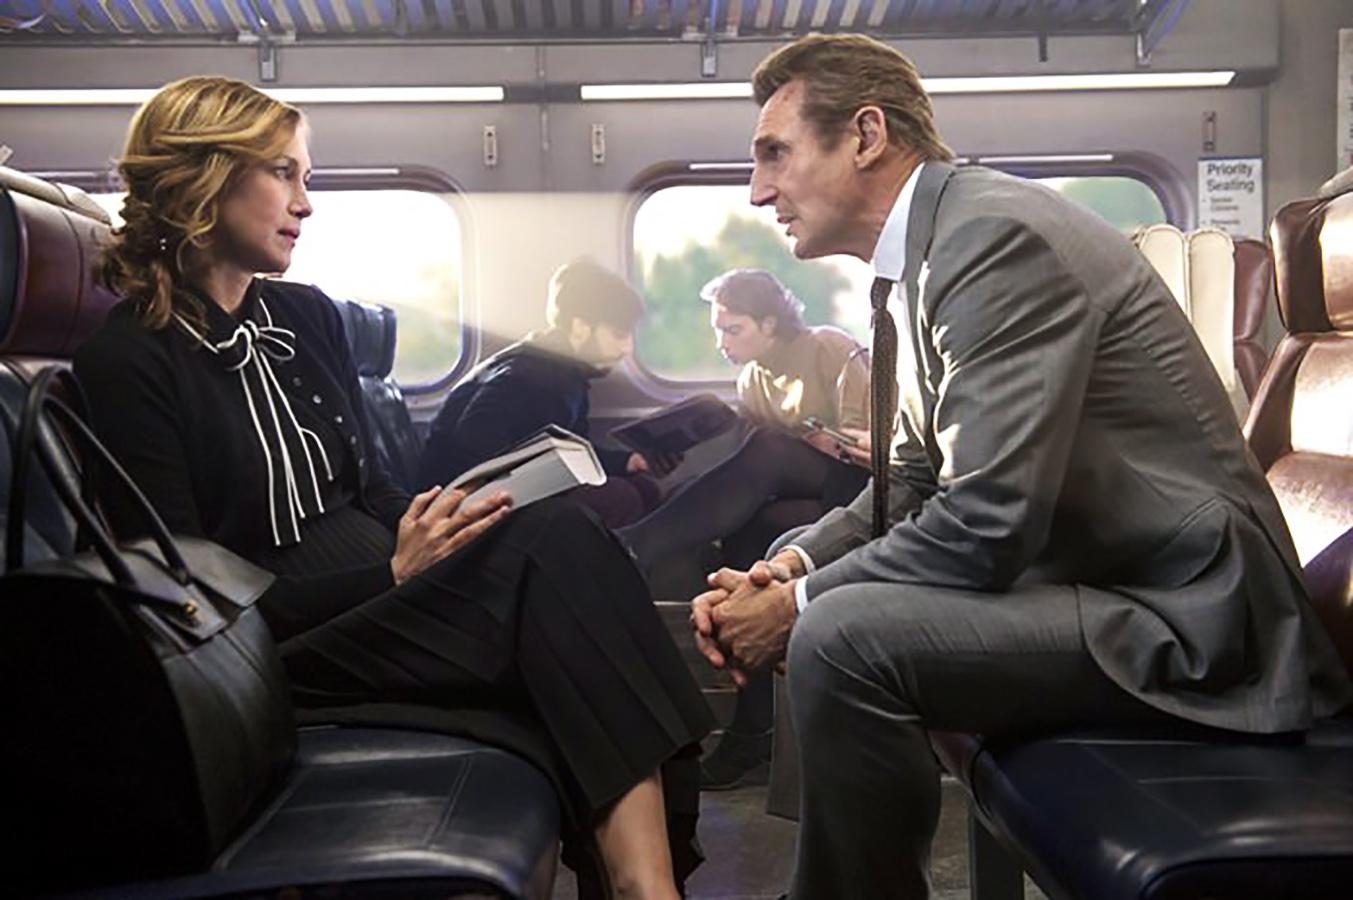 معرفی و بررسی فیلم The Commuter: لیام نیسون دوباره میدرخشد